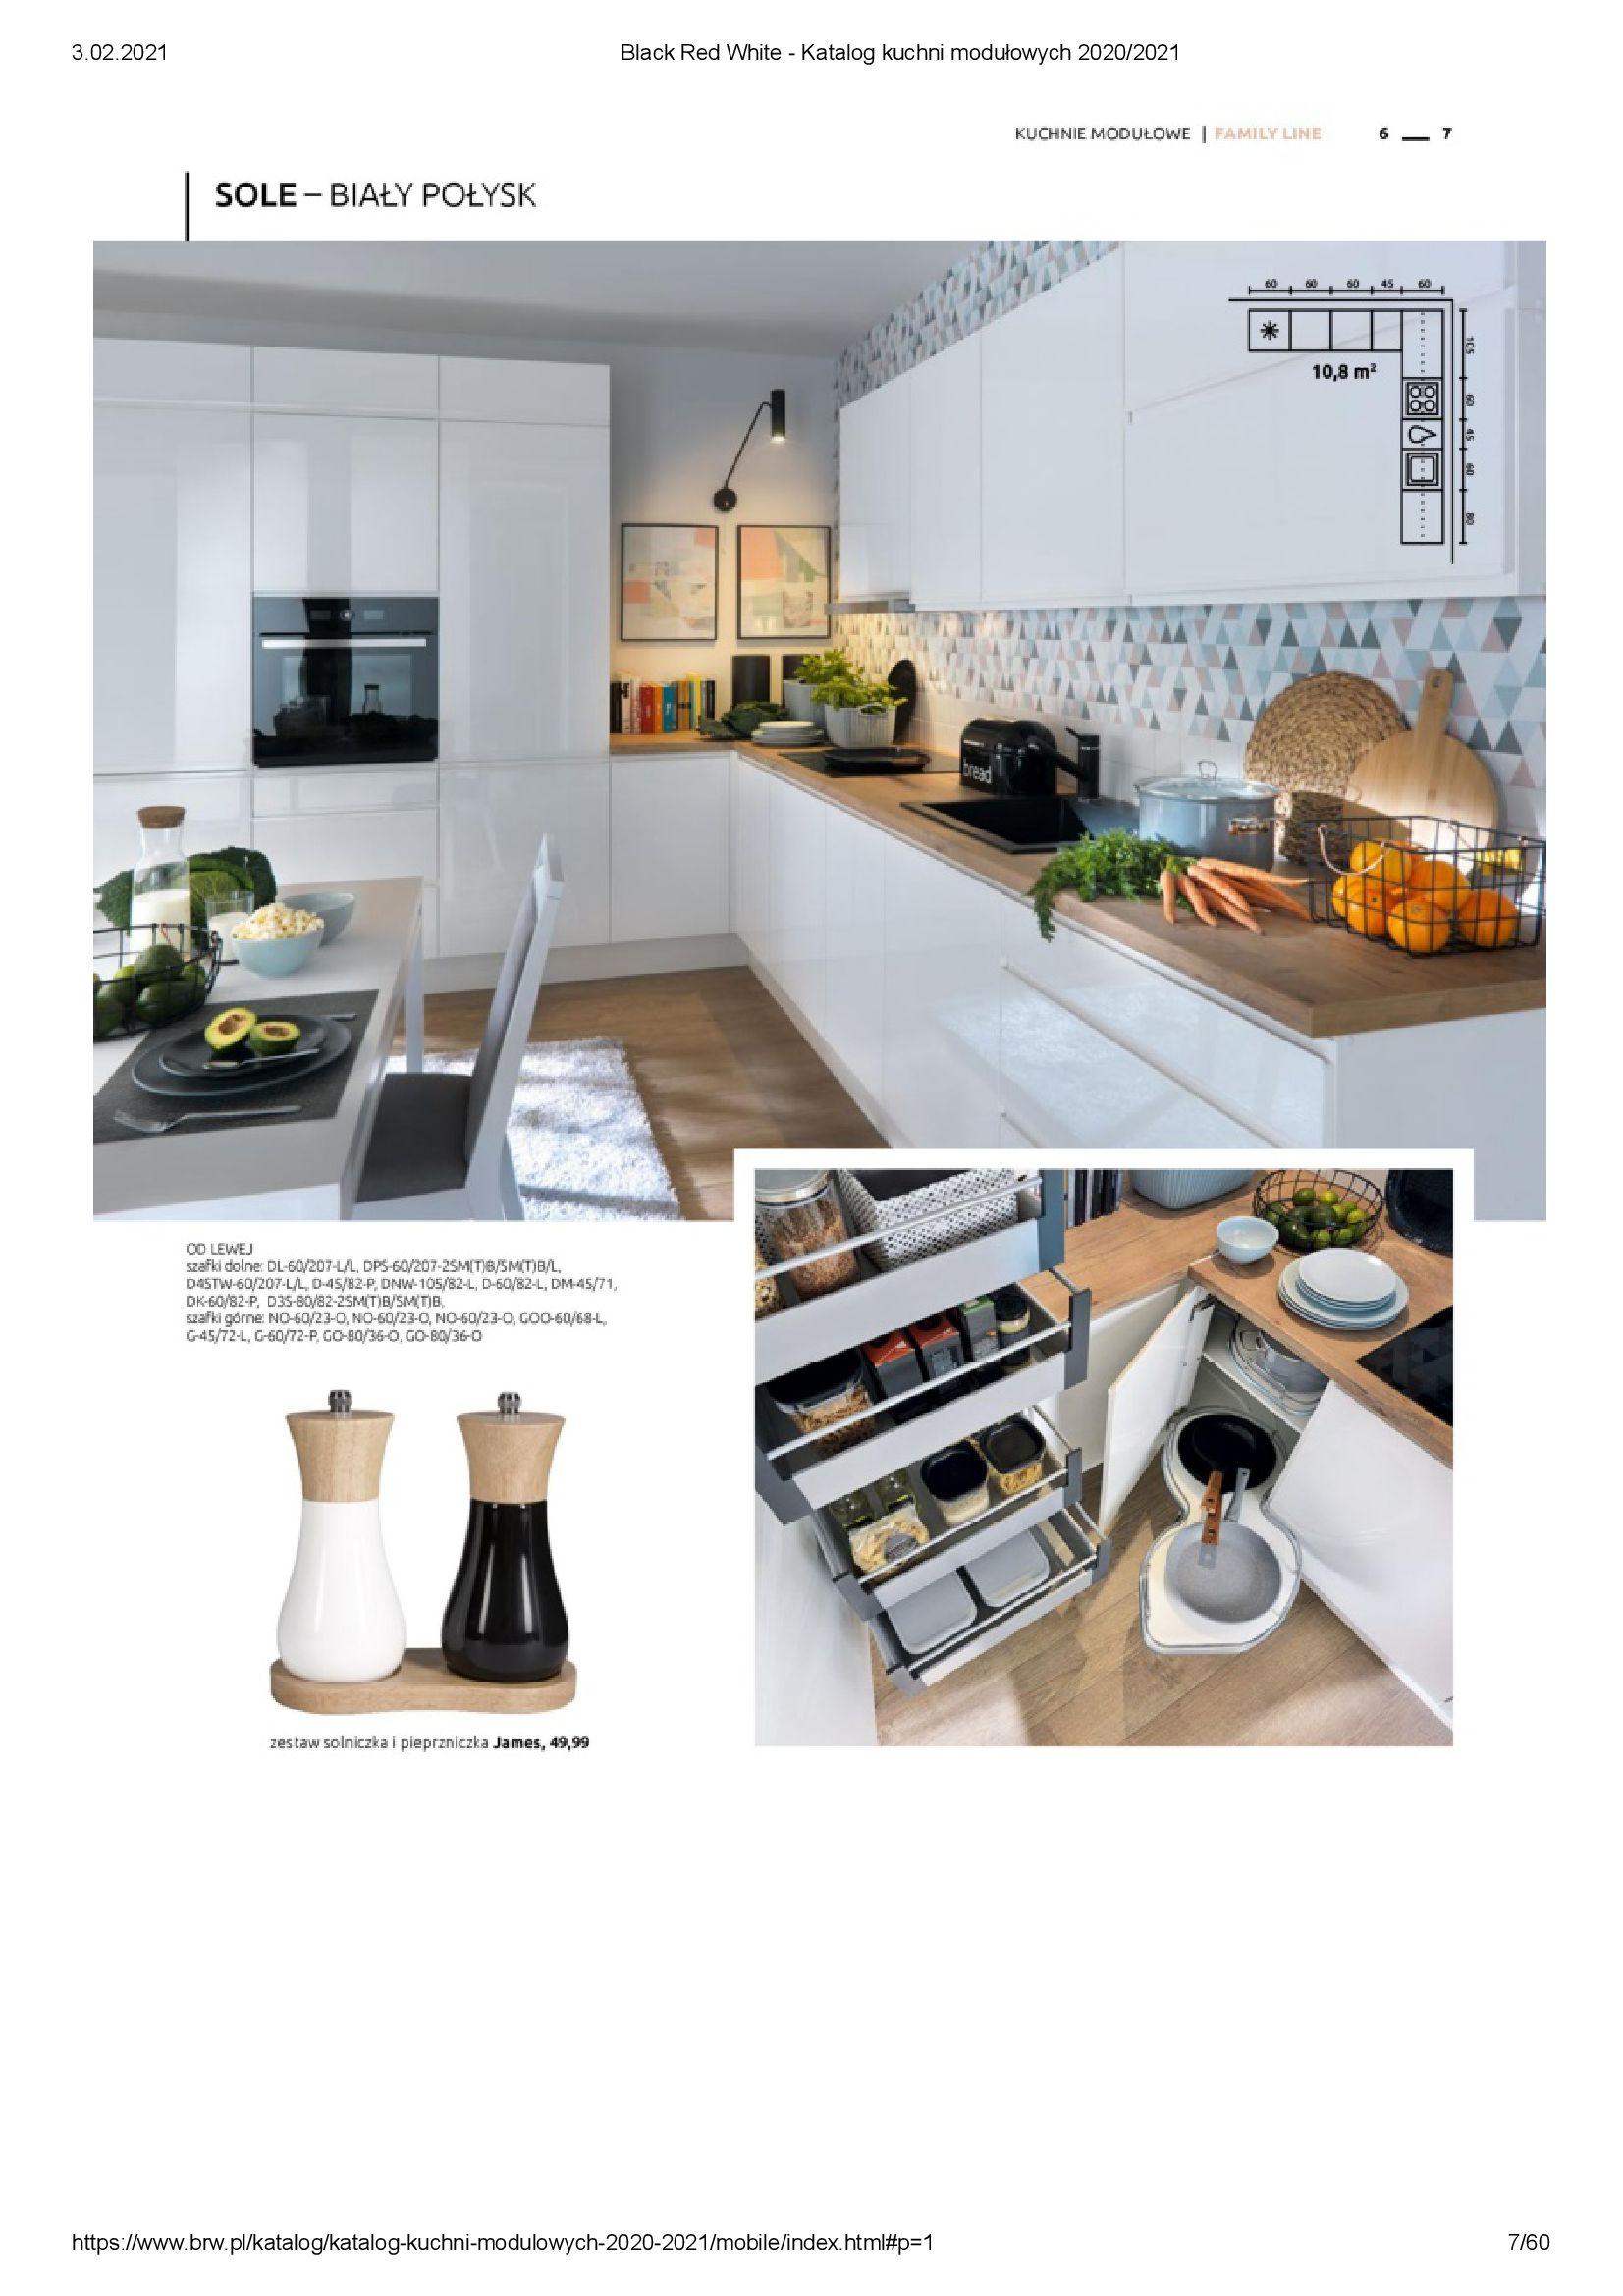 Gazetka Black Red White: Katalog - Kuchnie modułowe 2020/2021 2021-01-01 page-7